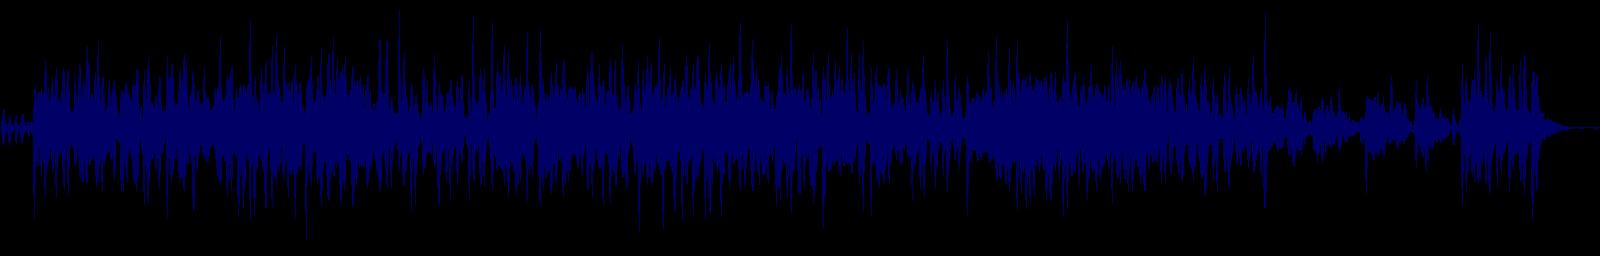 waveform of track #135189